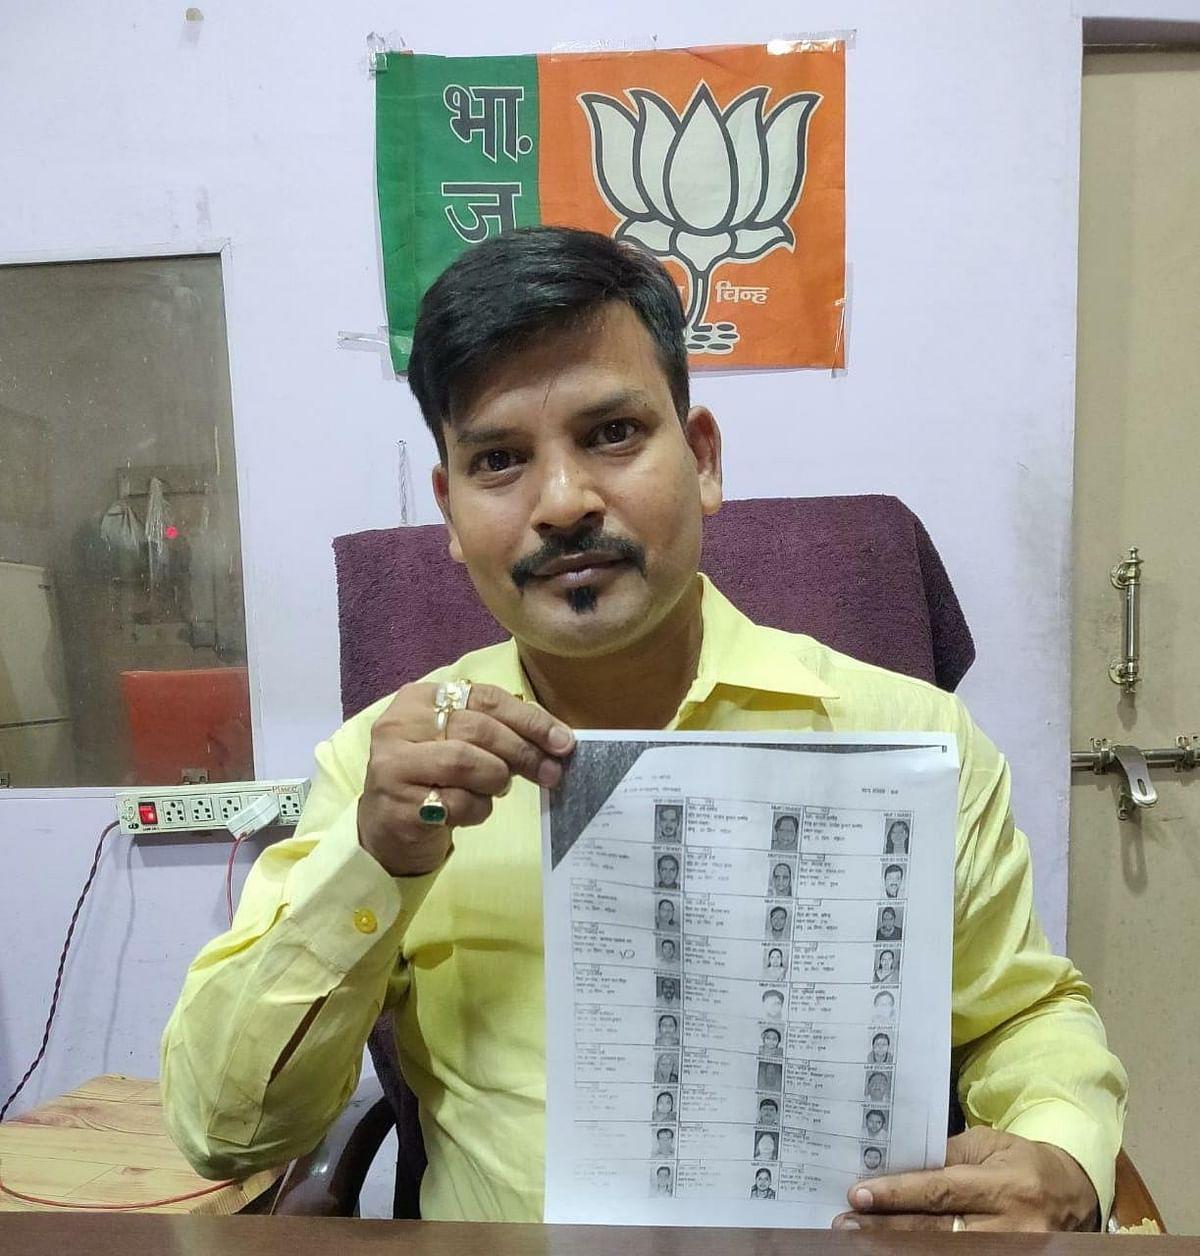 अलीगढ़ में भी बीजेपी के 'पन्ना प्रमुख' अभियान की शुरुआत